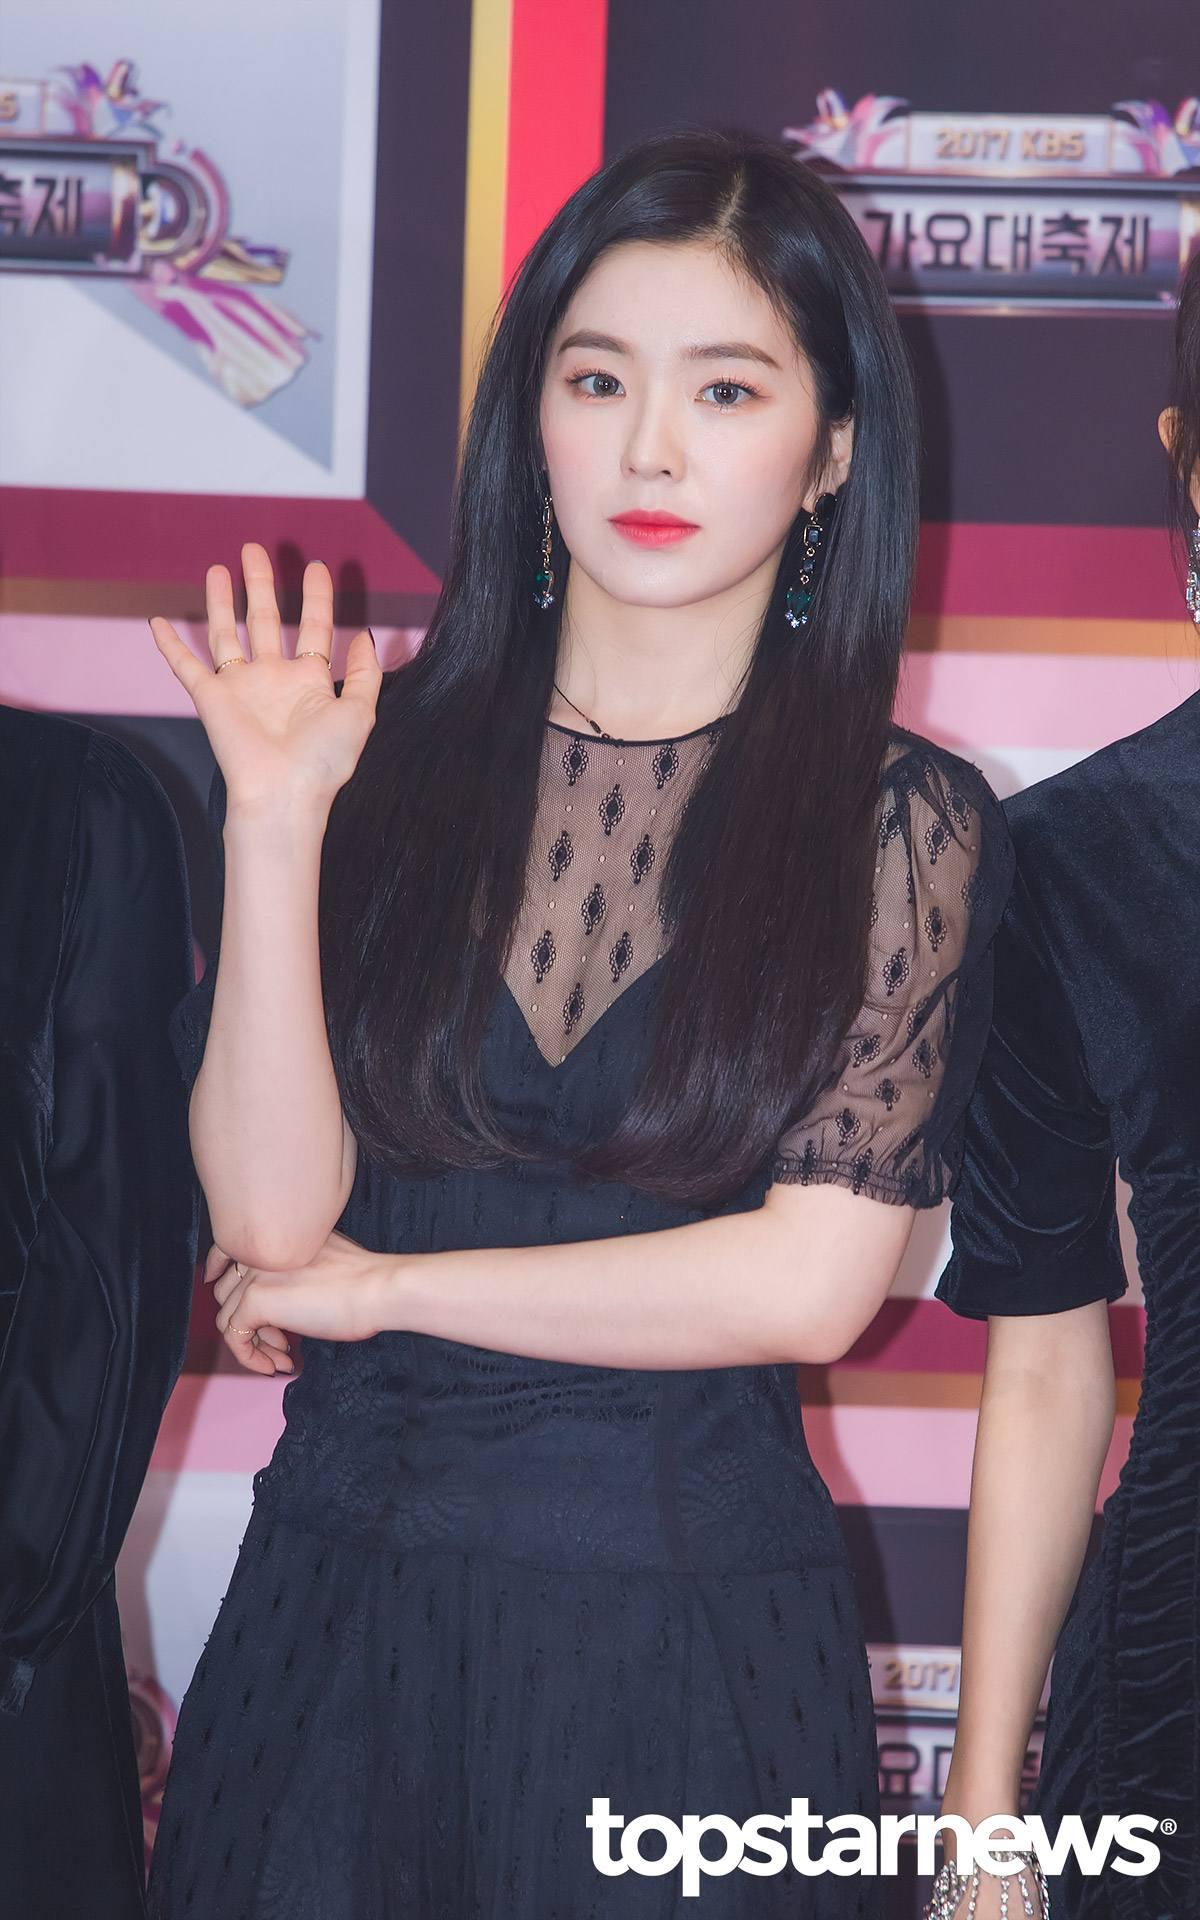 而Red Velvet的Irene擔任SBS演藝大賞時,在舞台上發生了一個小插曲...